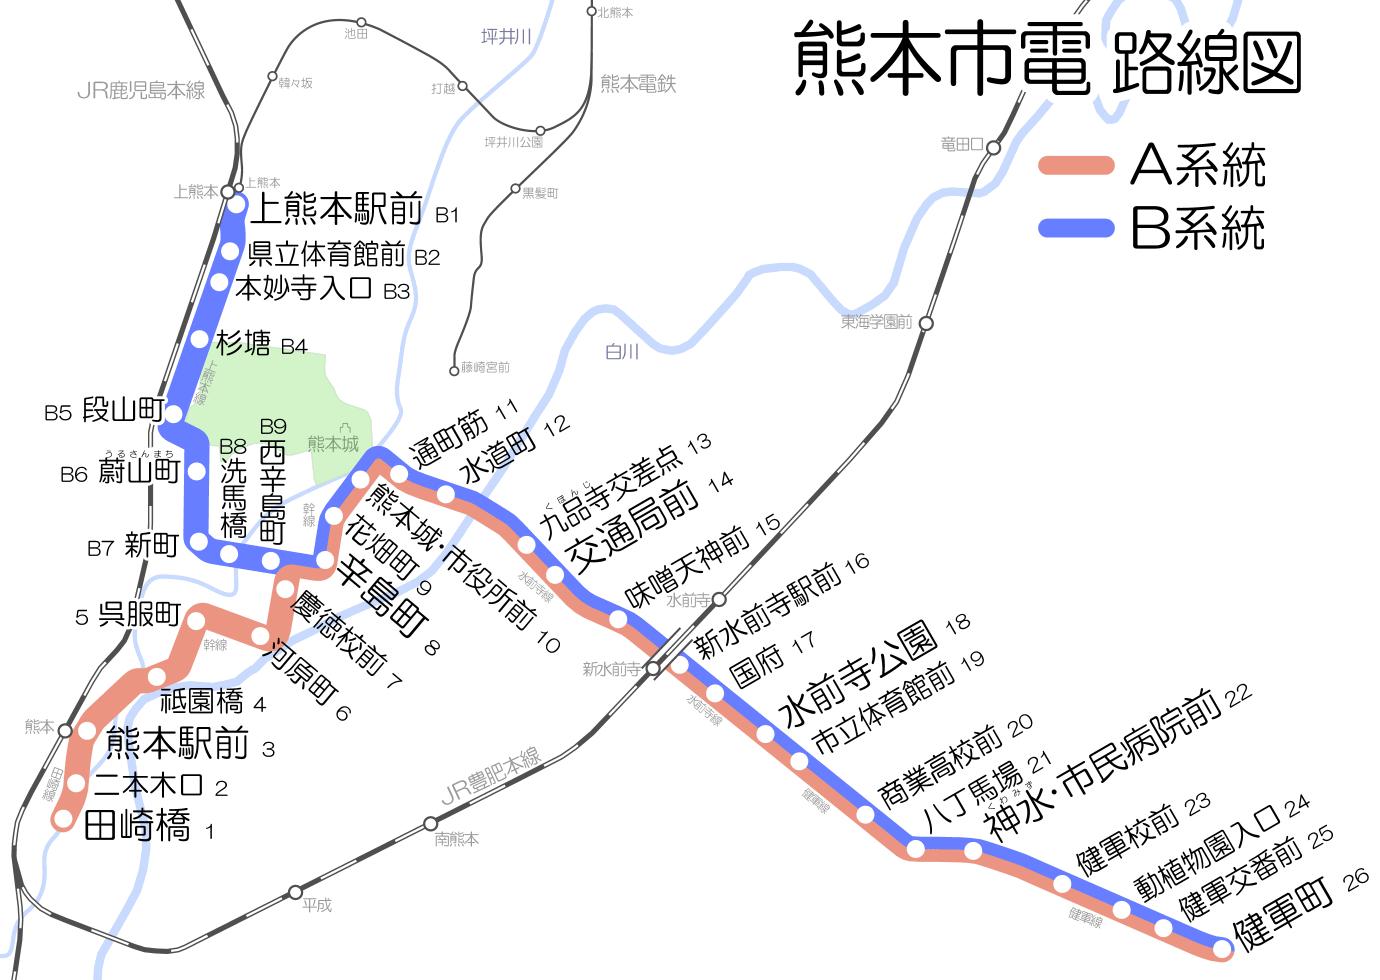 熊本市電A系統 - Wikipedia